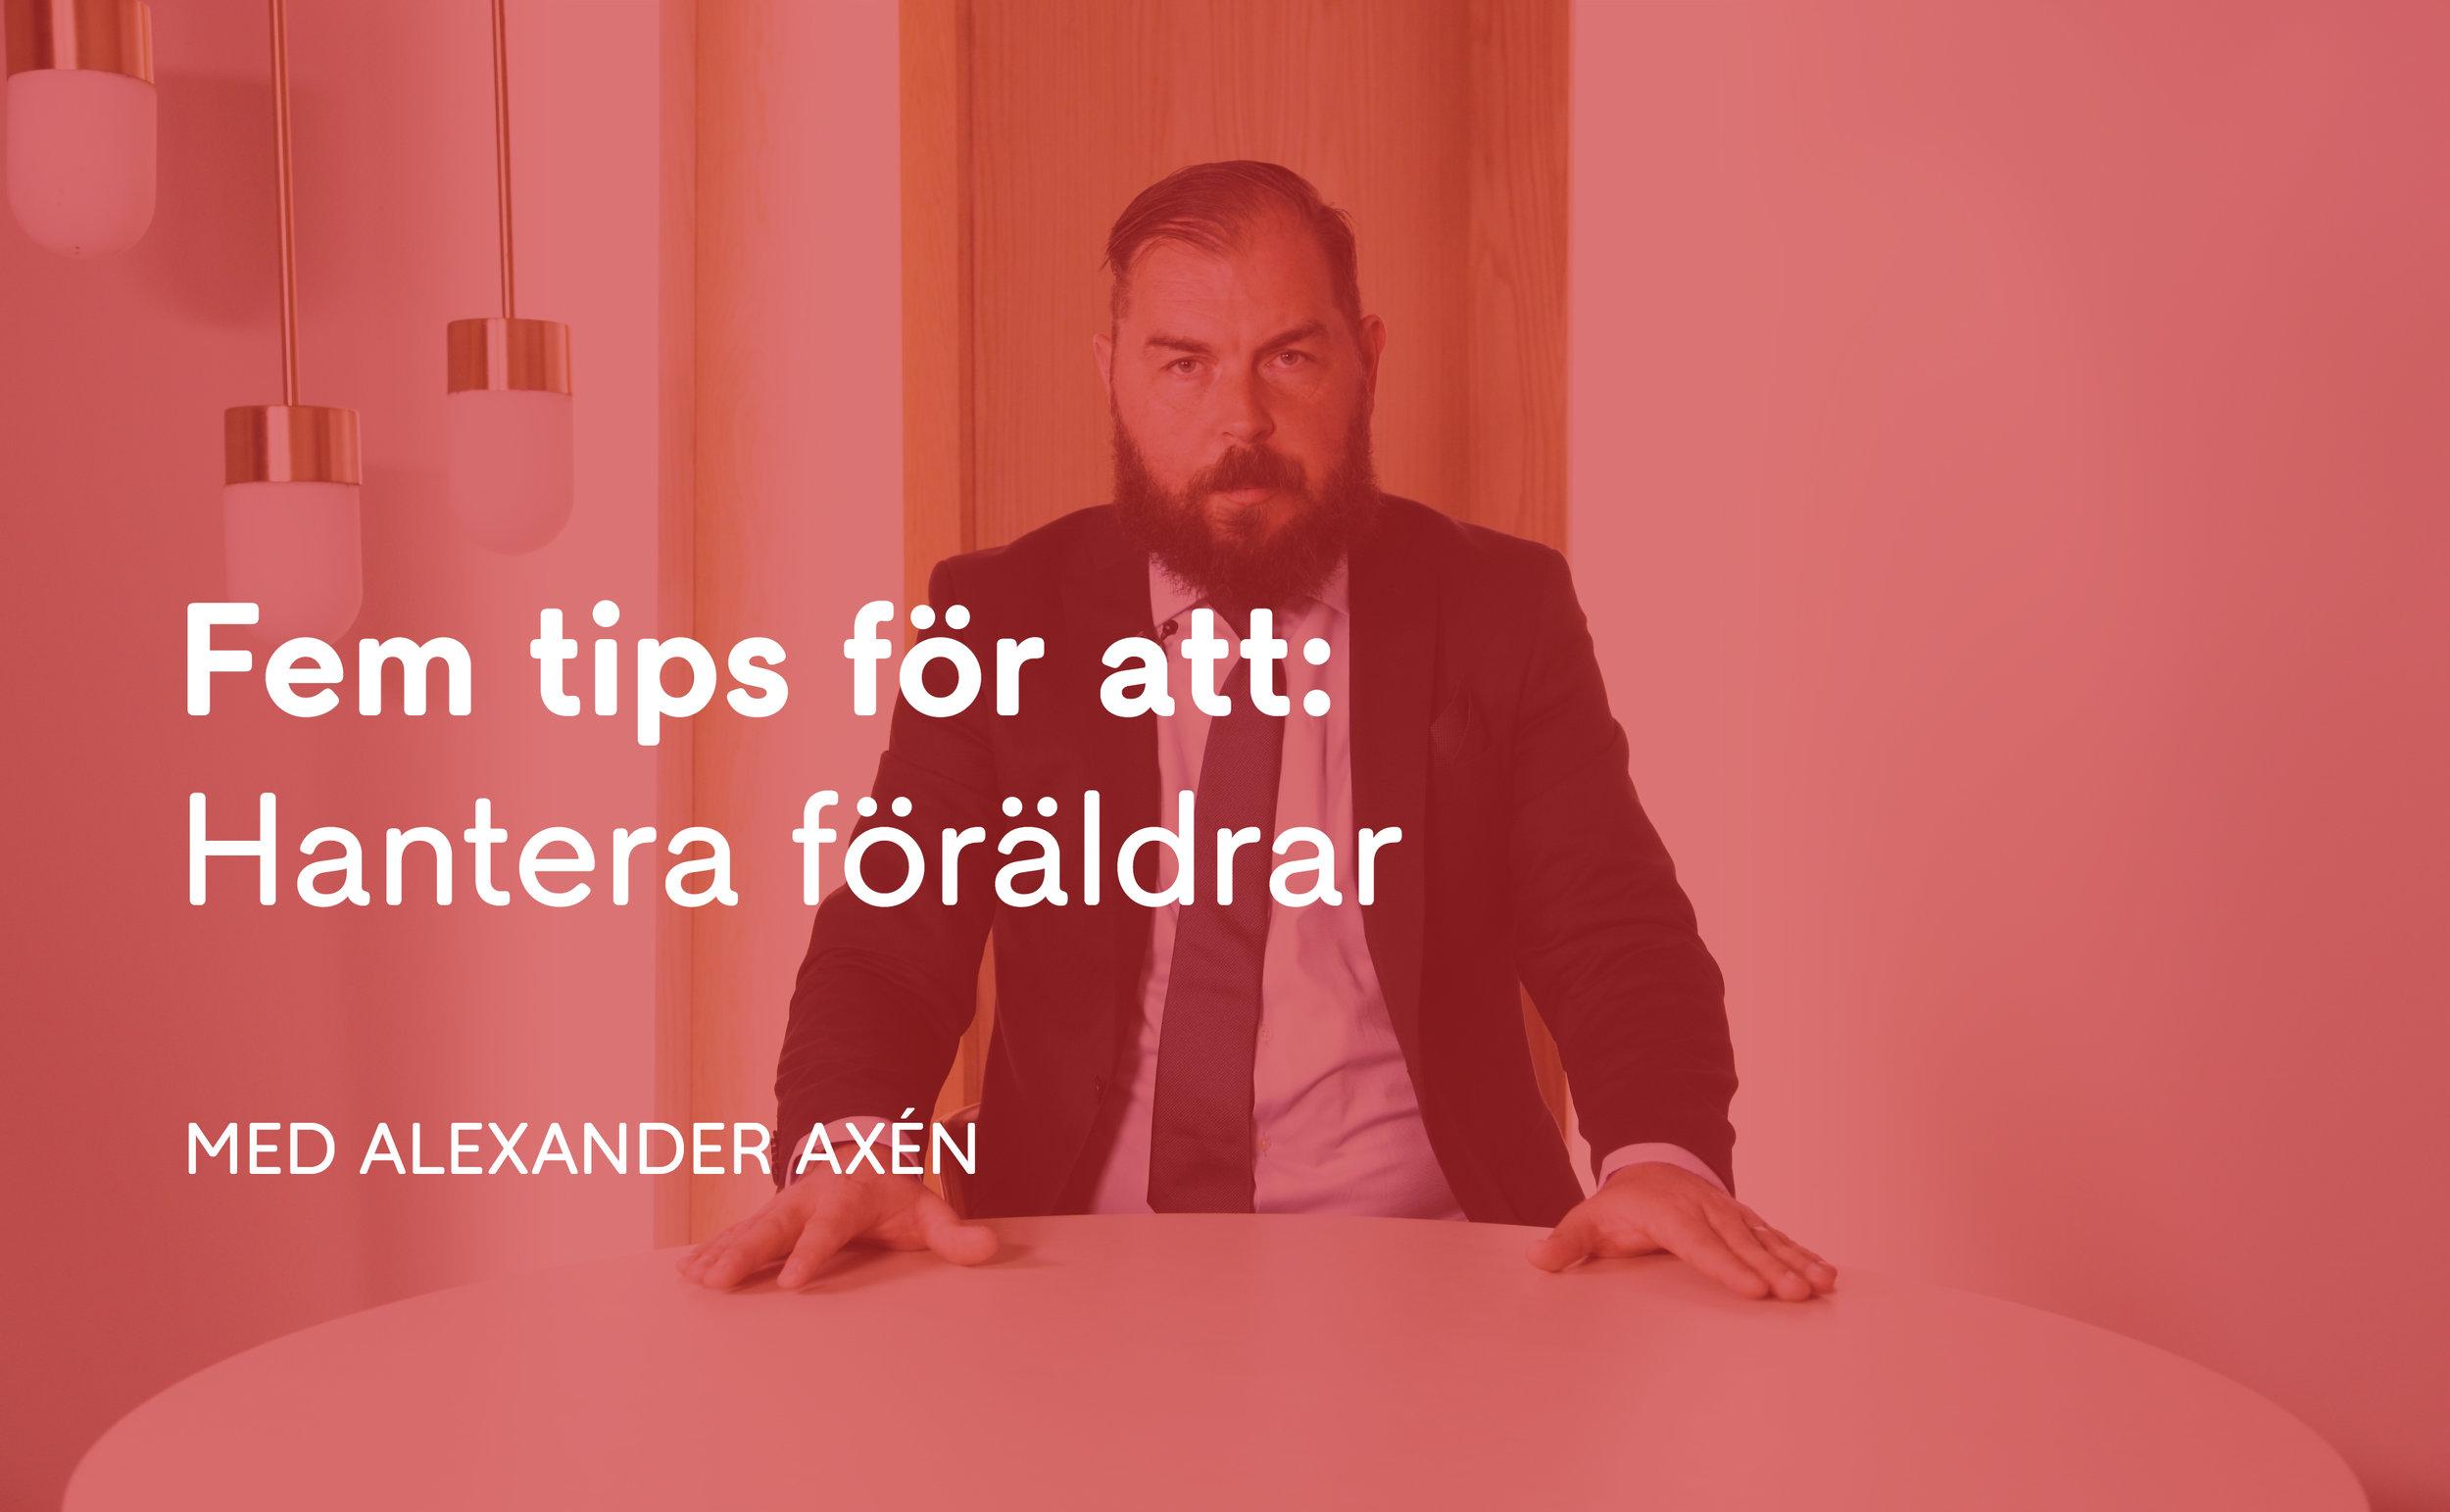 Alexander Axén  är tidigare fotbollstränare och nu expertkommentator på C More, aktuell som kommentator i fotbolls-VM. I den Sociala Spelboken ger Alexander 5 tips om hur tränare kan hantera och prata med föräldrar både på och utanför planen.    Se filmen här